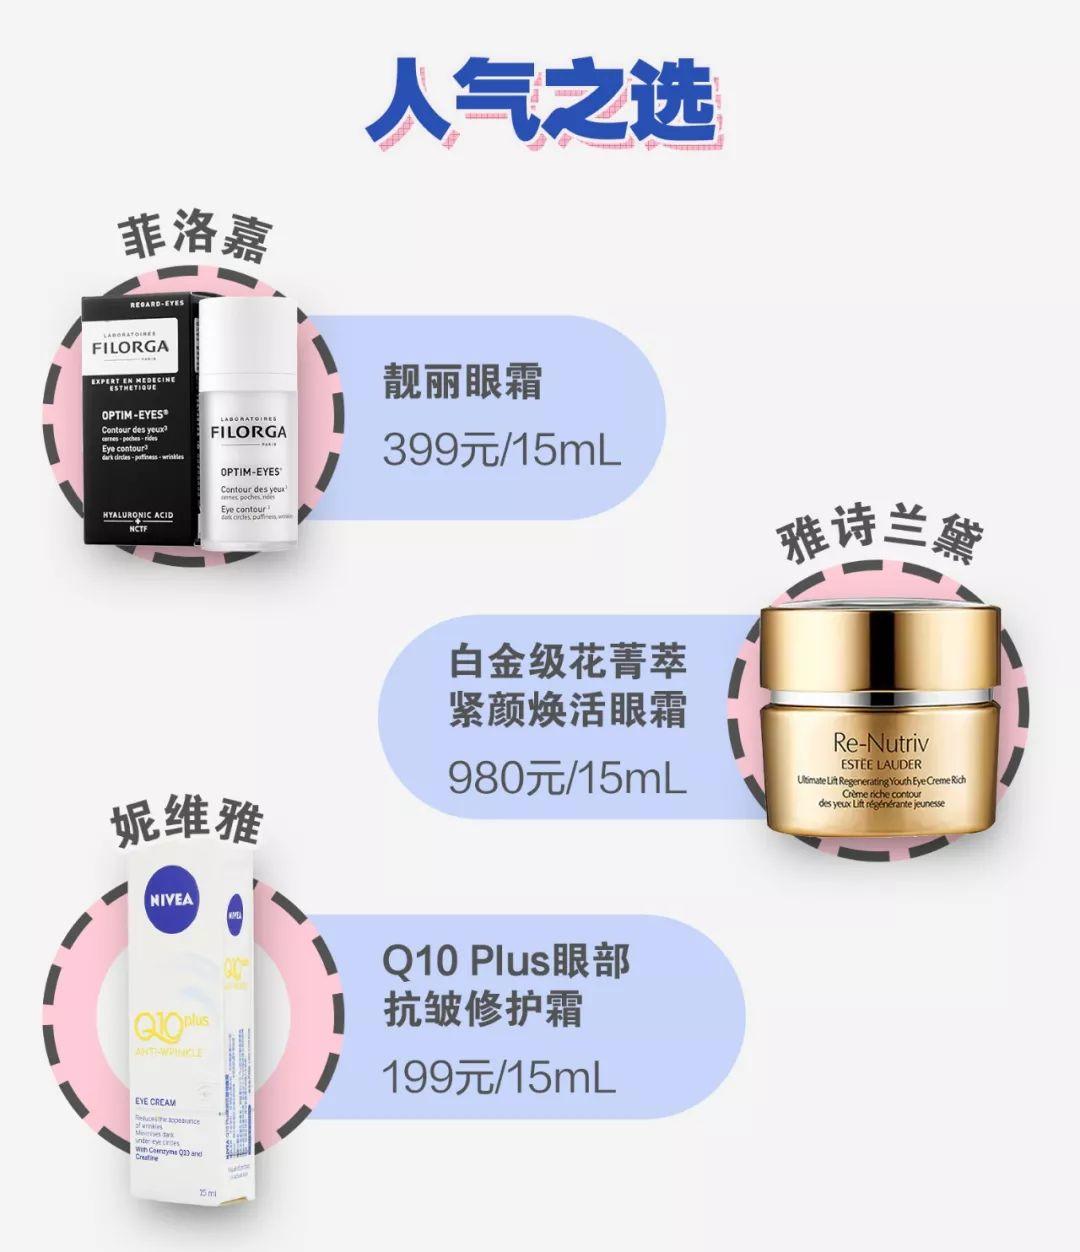 欧莱雅光学嫩肤眼霜(24款眼霜评测)